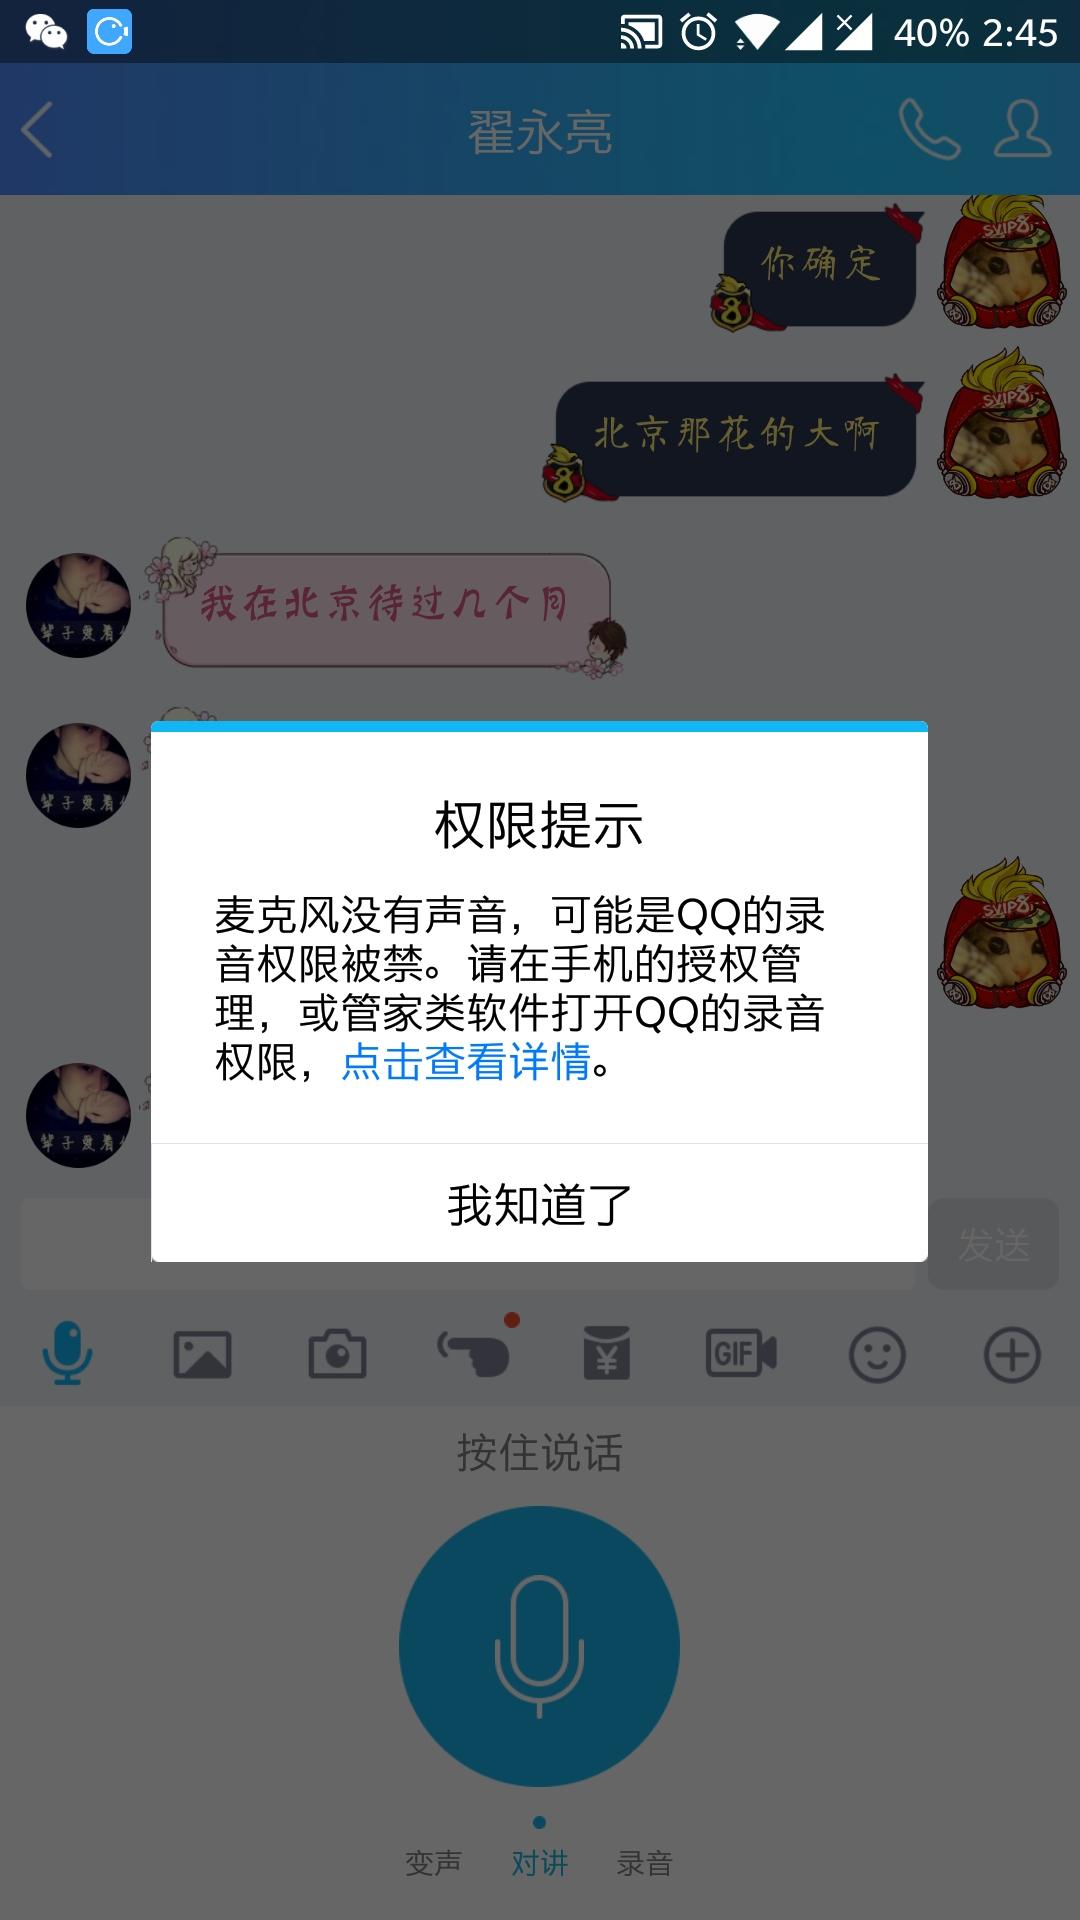 Screenshot_20180117-144545.jpg